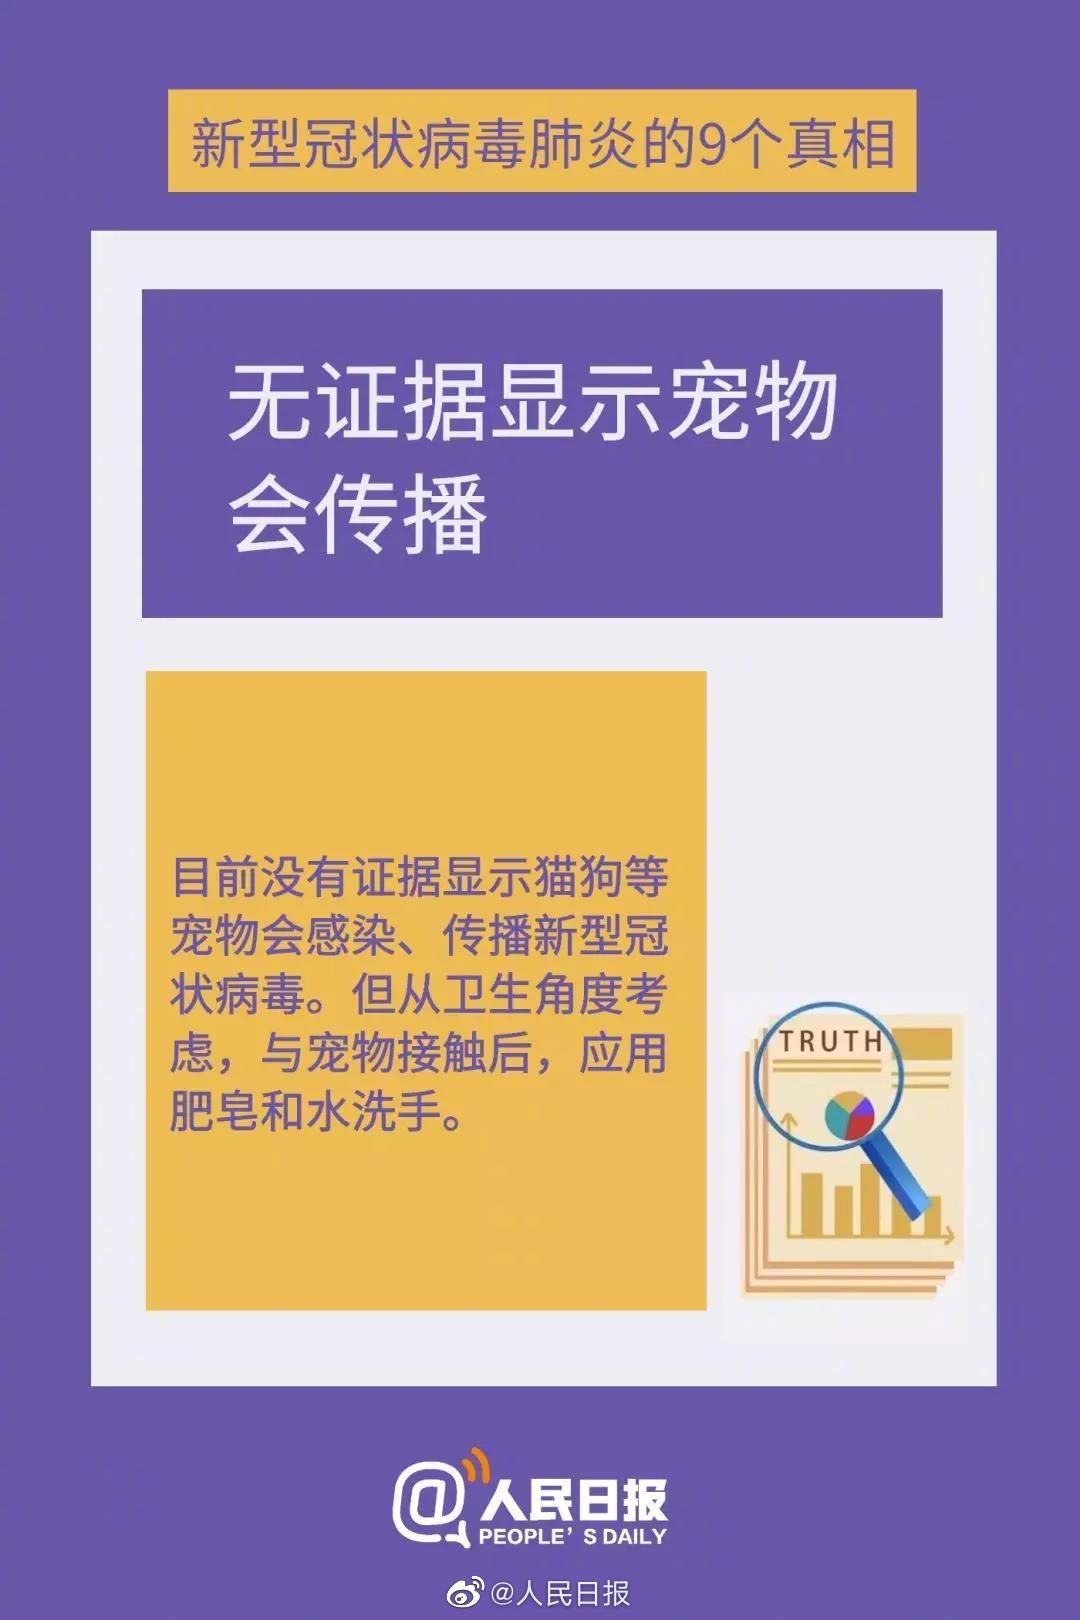 新建文件夹 (2)img-a3ace1516224f905048228cc0bacb33f.jpg